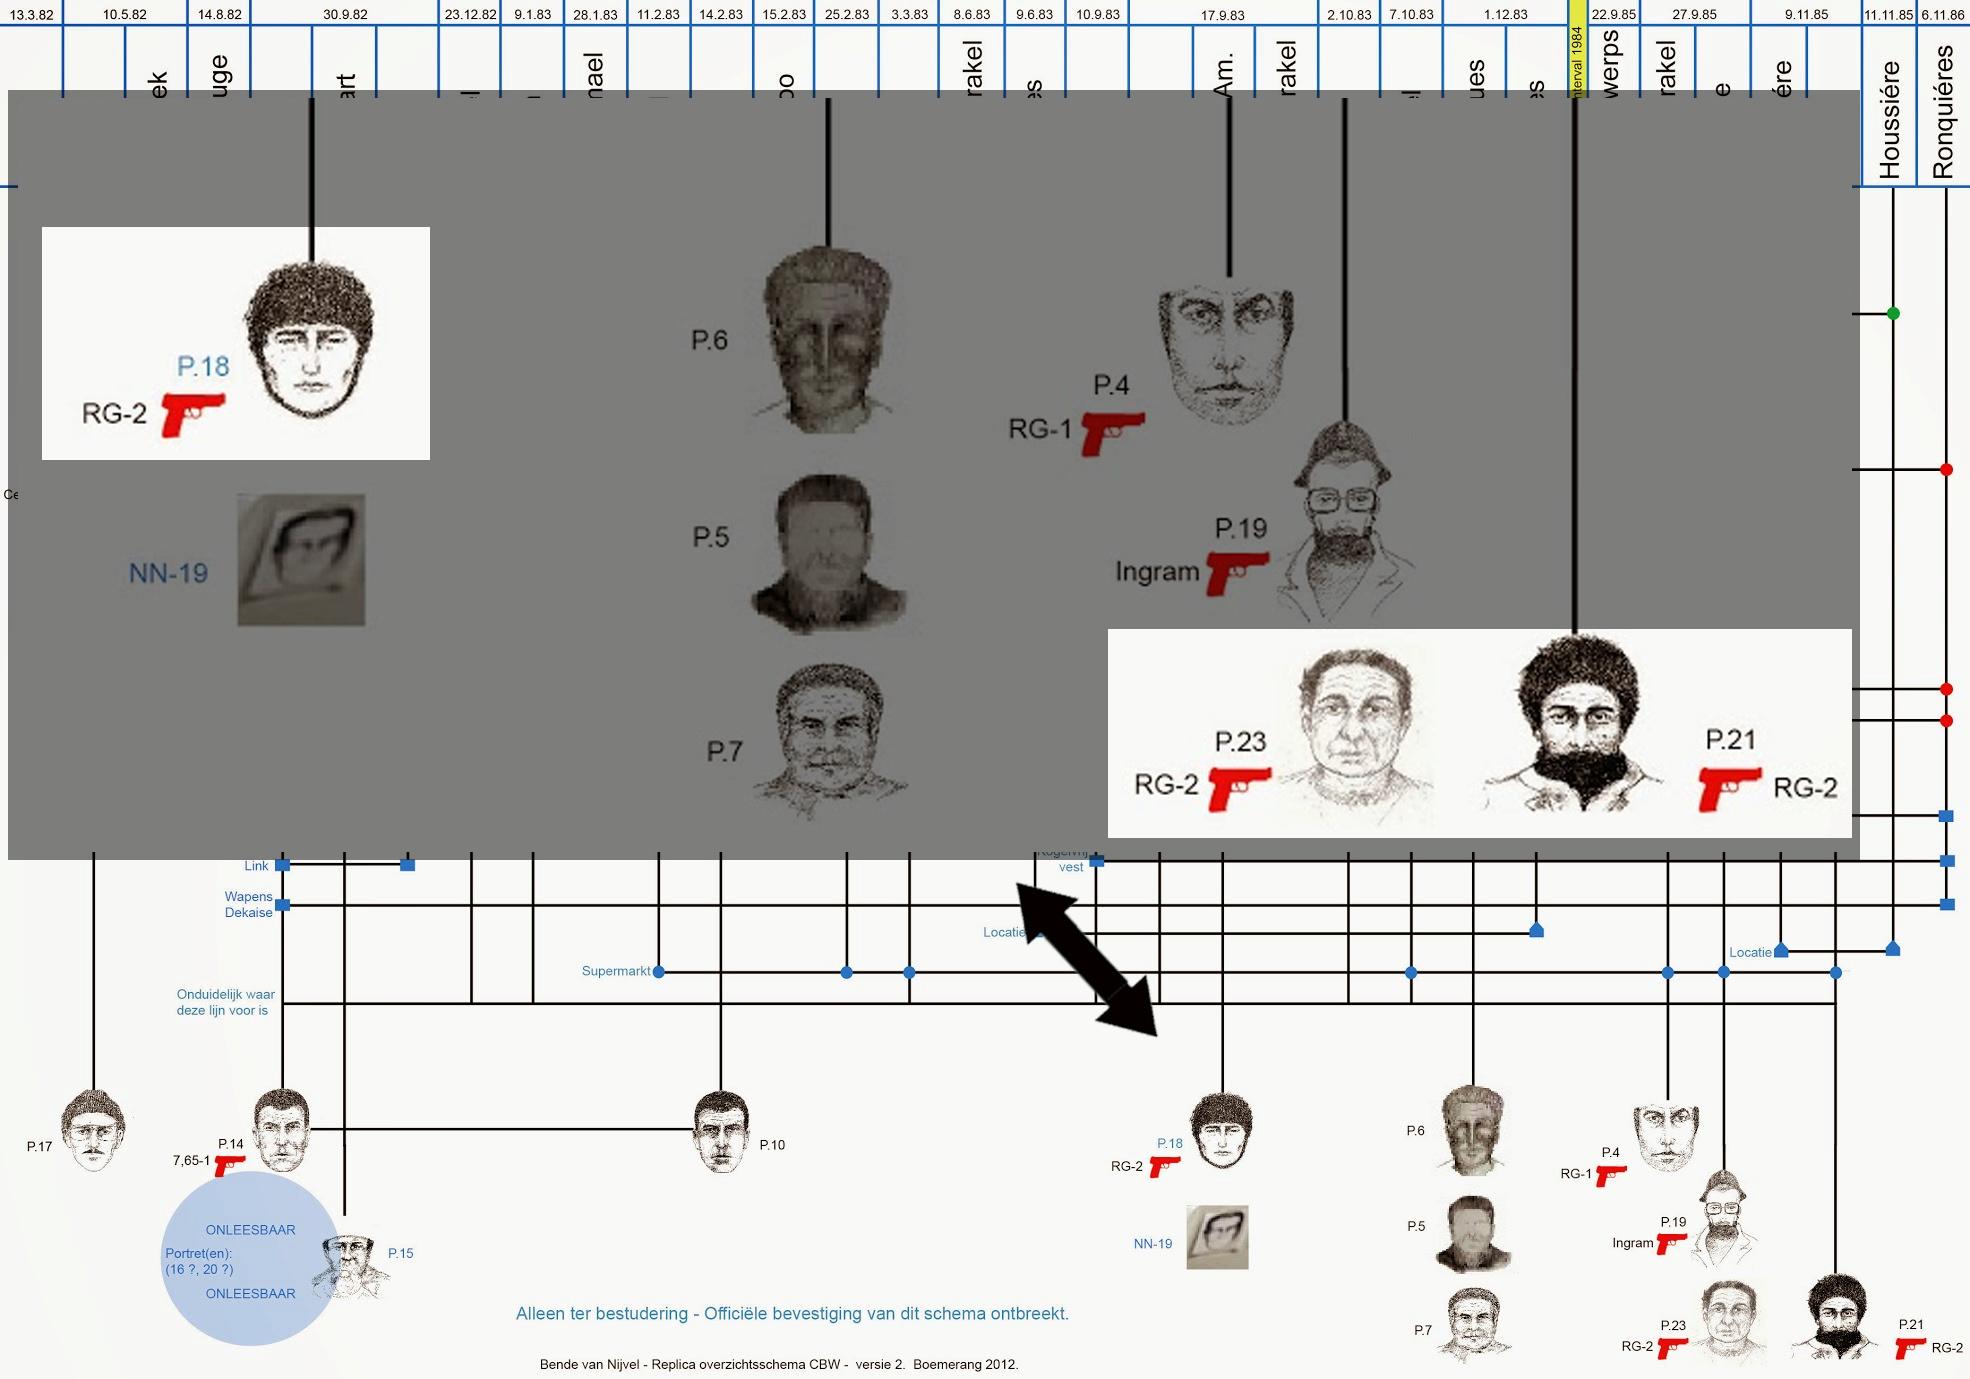 De la relativité des portraits-robots - Page 3 Cherch10